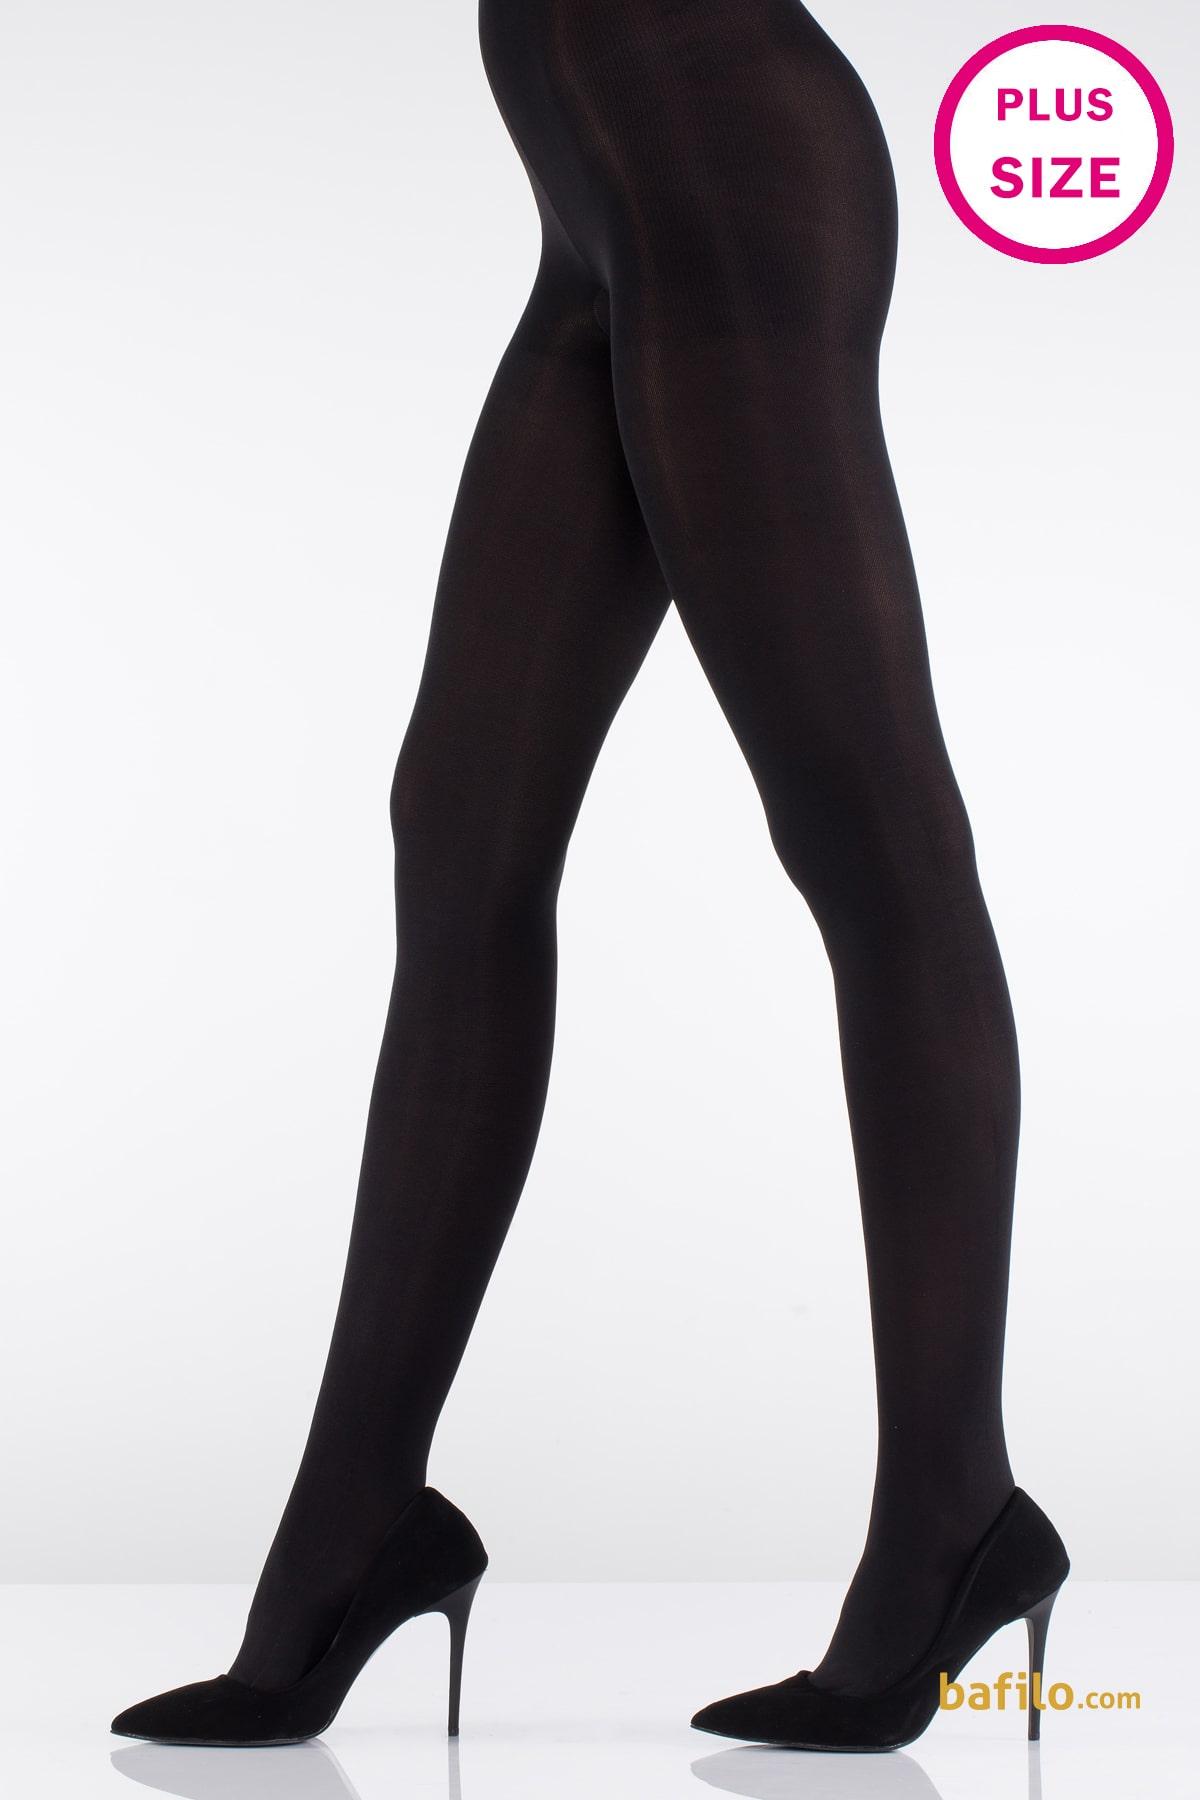 ایتالیانا | ITALIANA - جوراب شلواری سایز بزرگ زنانه ایتالیانا Micro 70 - مشکی